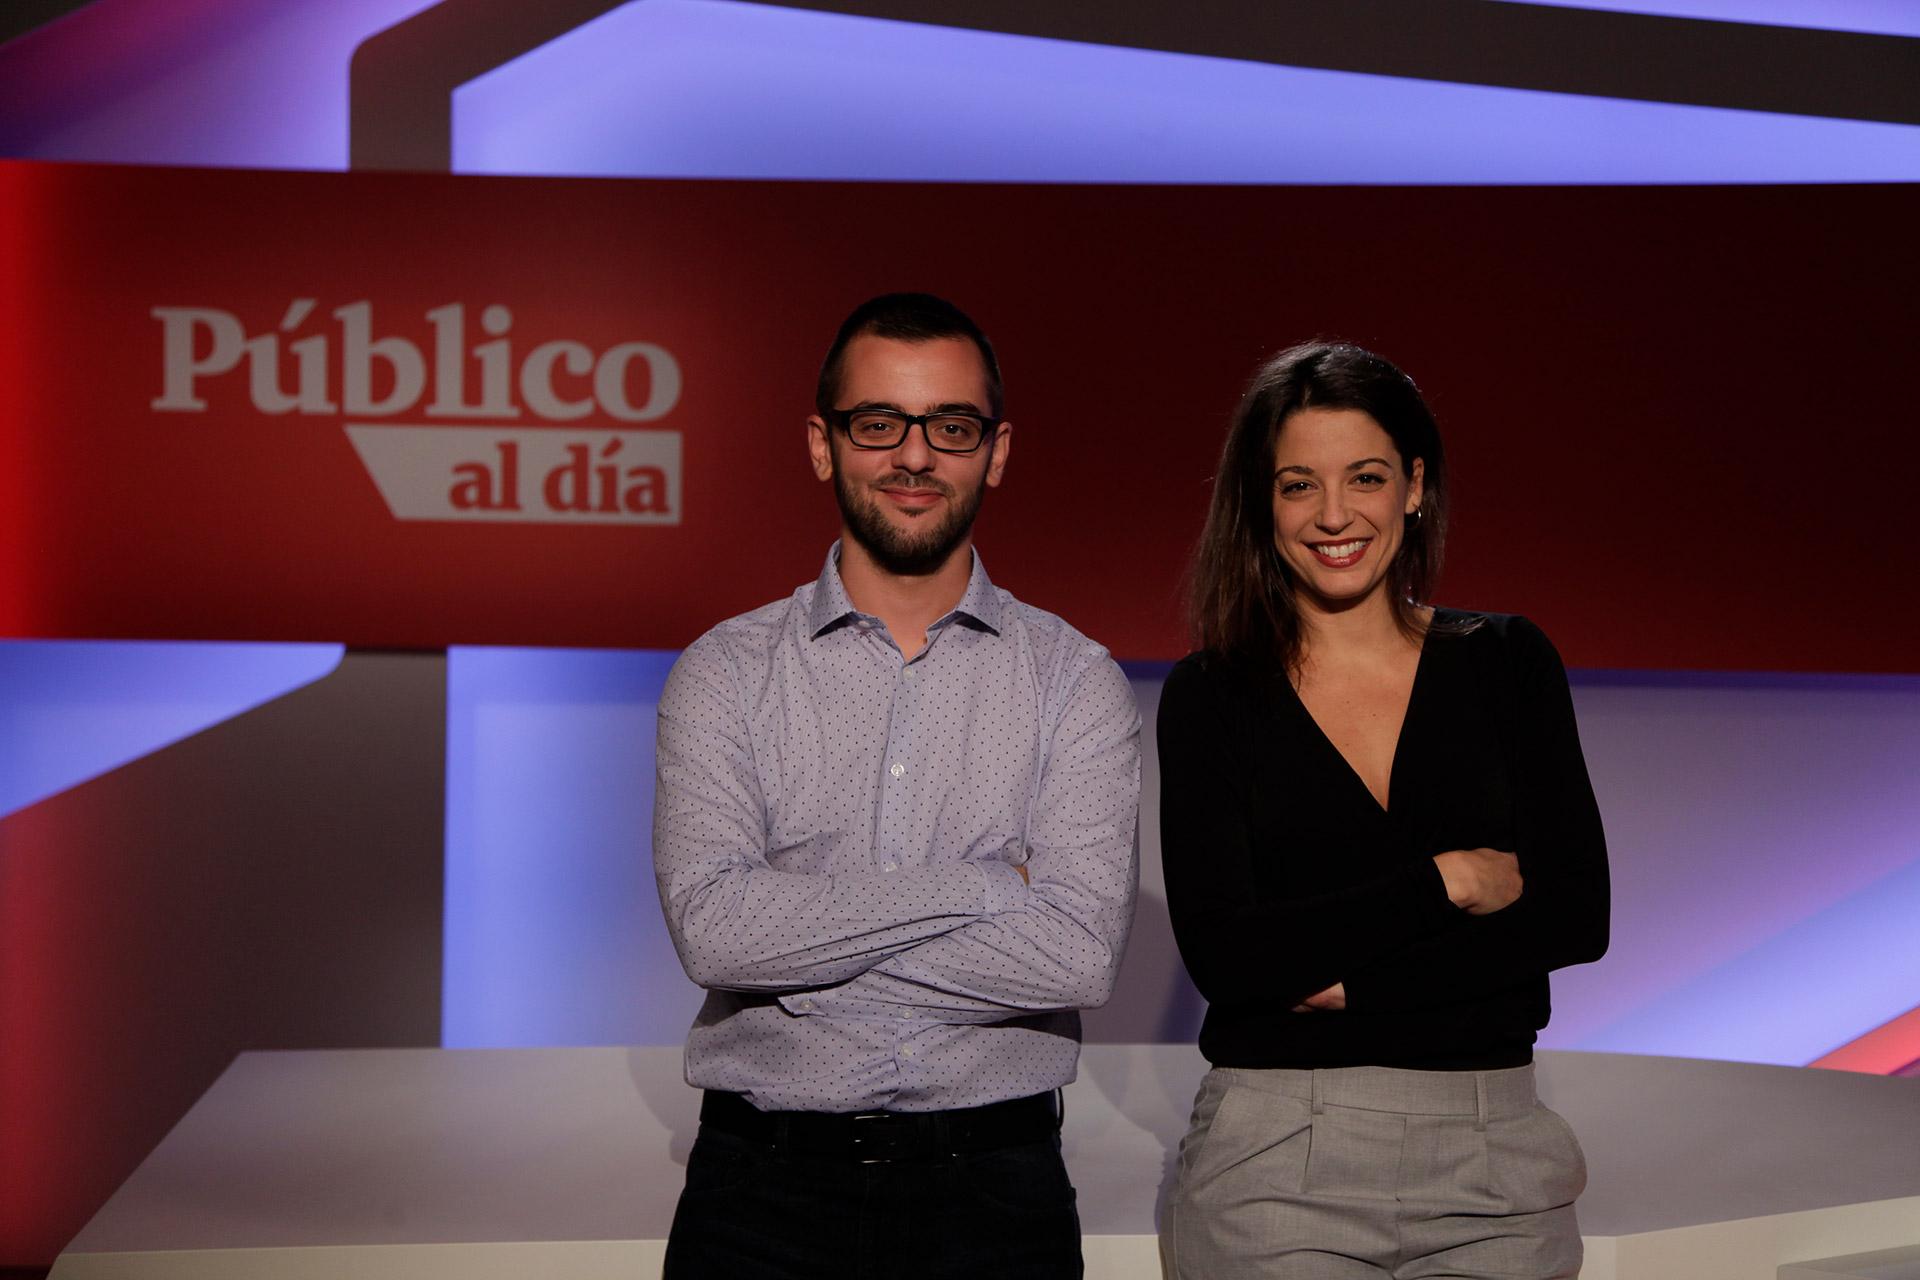 Elena Parreño y Pau Garcés presentan 'Público al día'